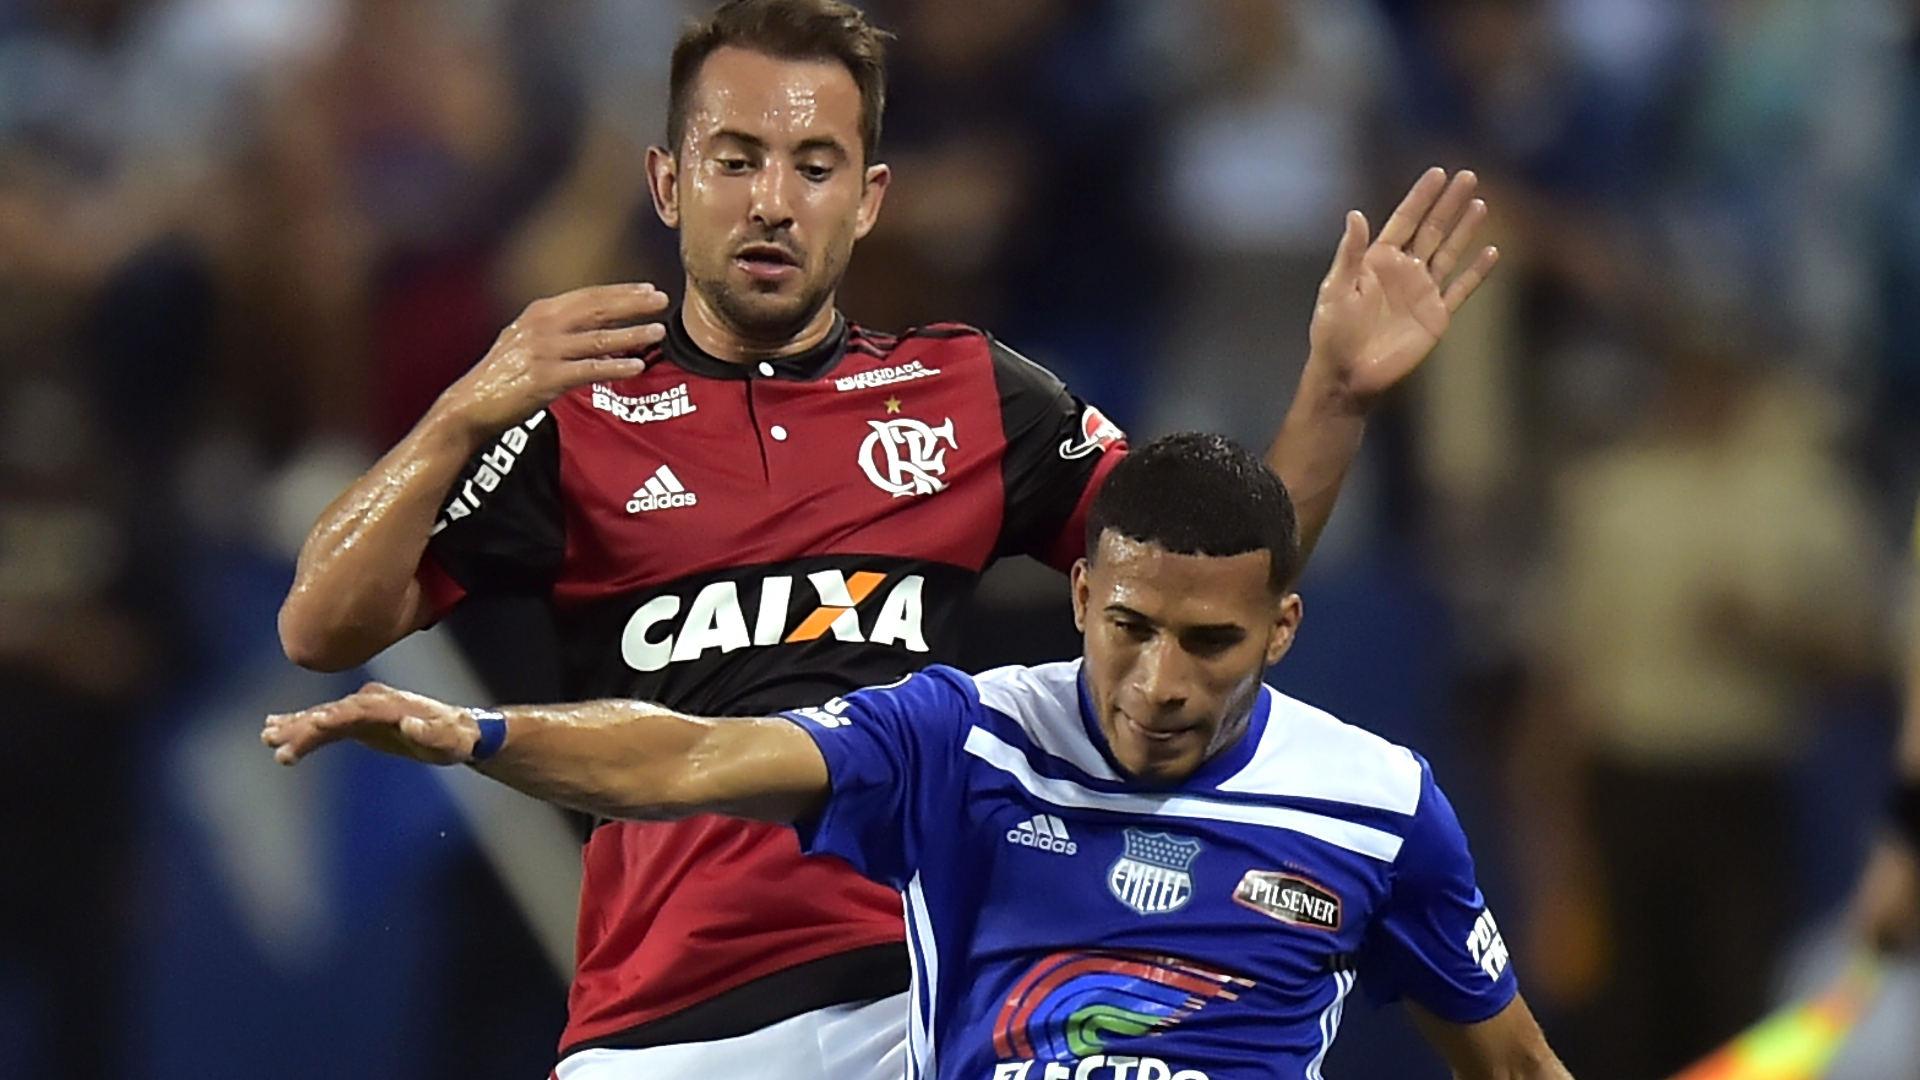 Everton Ribeiro Robert Burbano Emelec Flamengo 14032018 Copa Libertadores